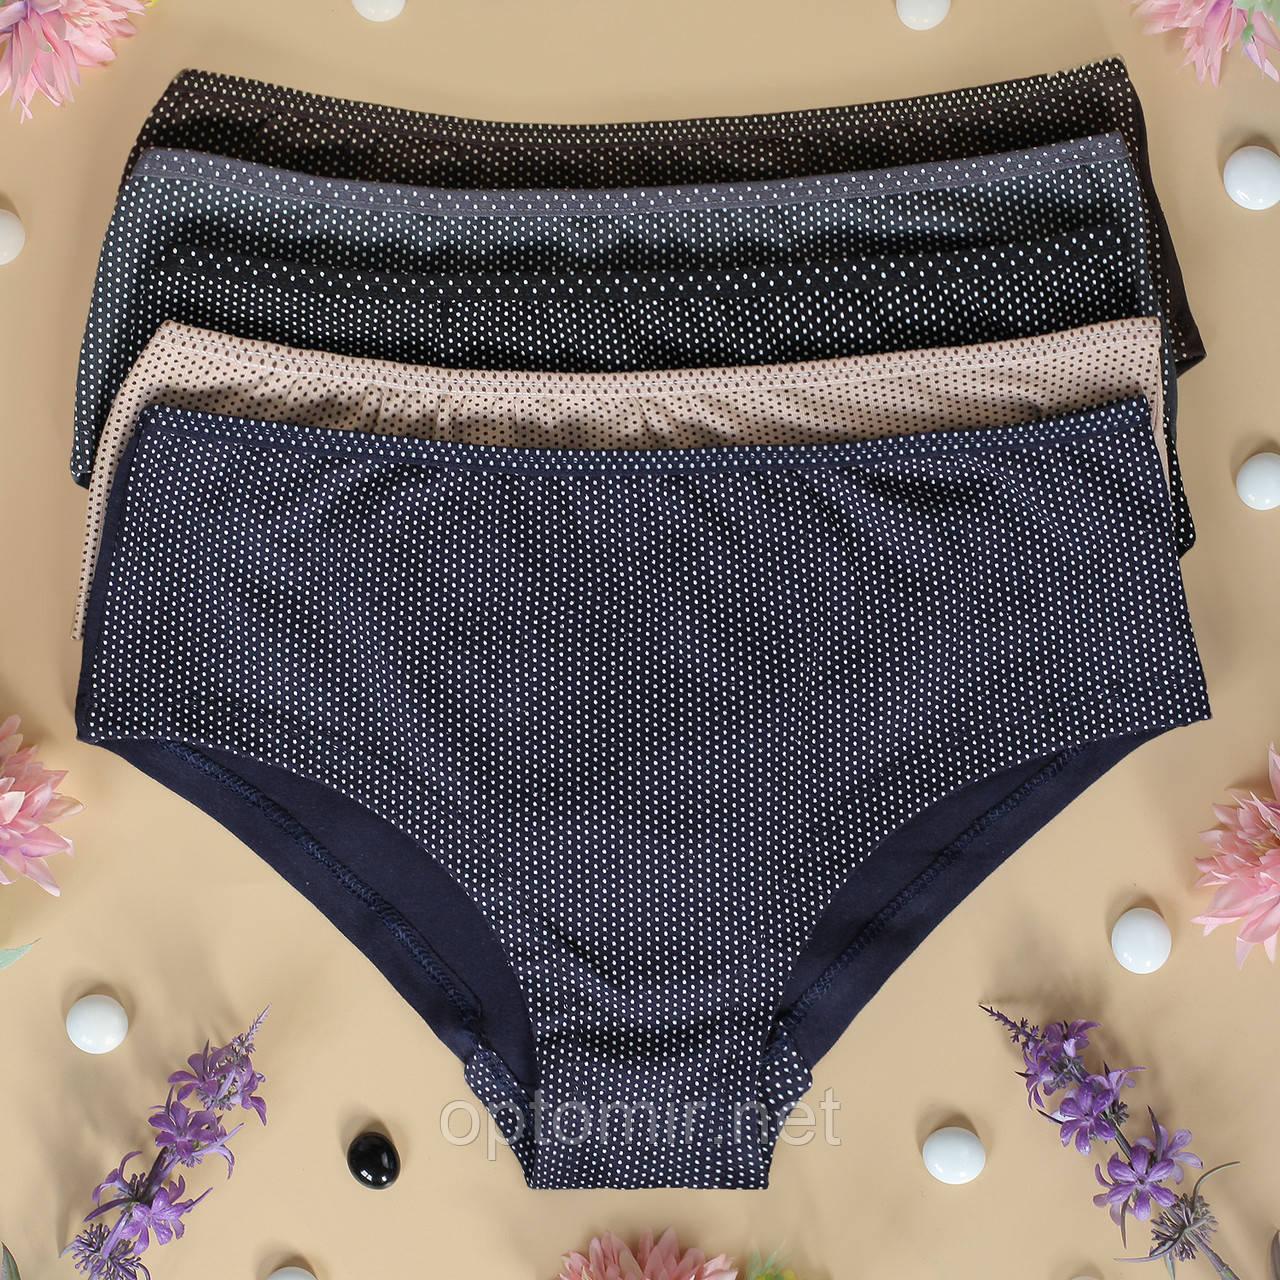 Трусы шортики женские Nicoletta Турция M, L | 5 шт.